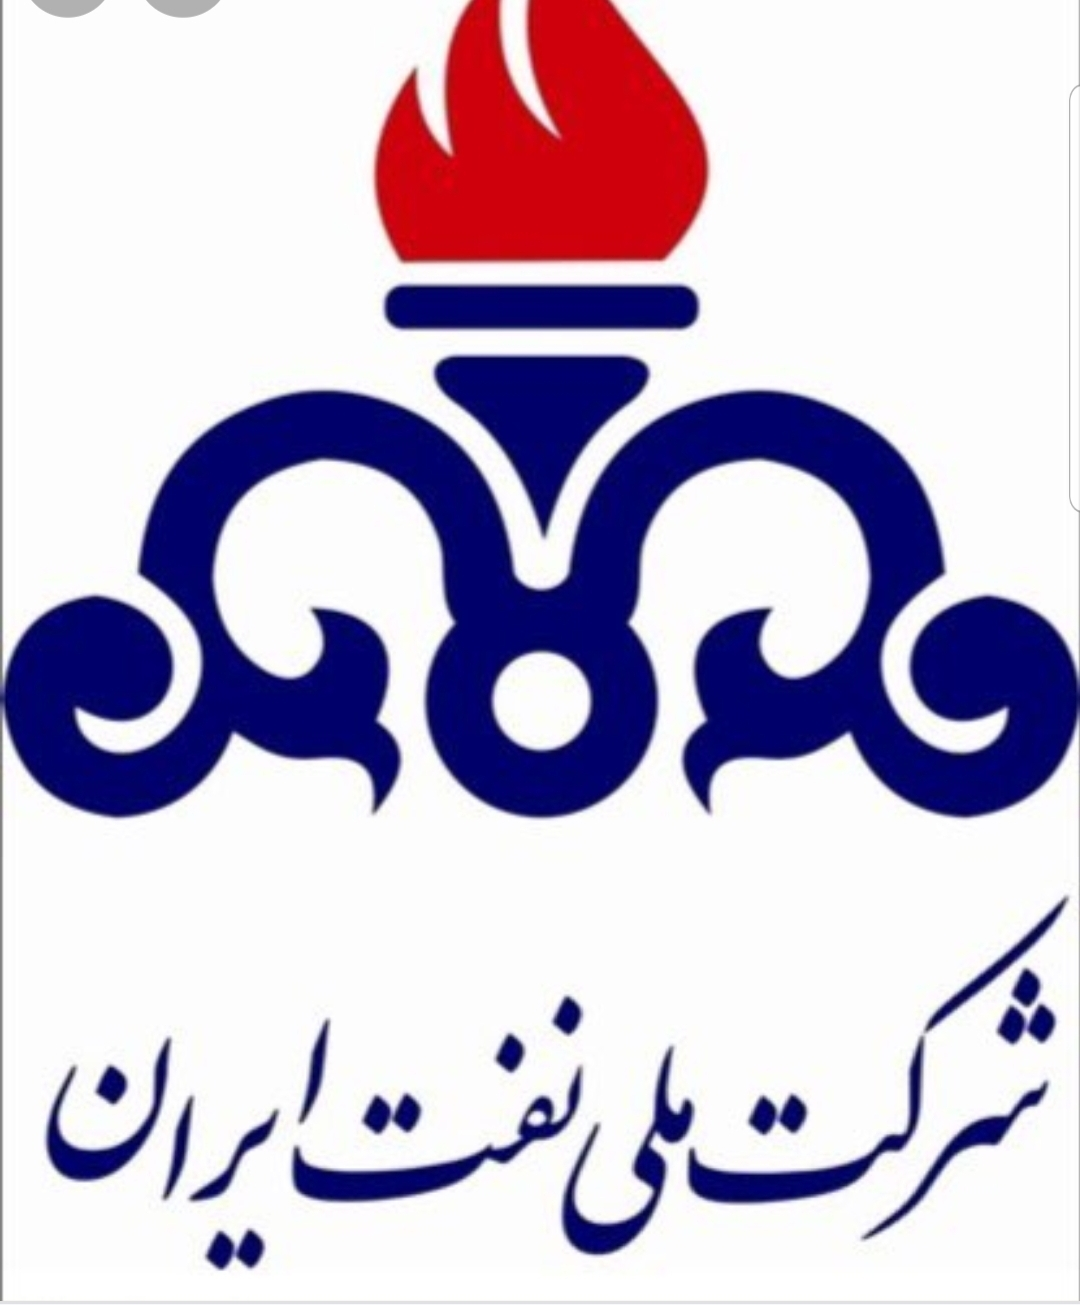 پروژه شرکت نفت کرمان خواجو